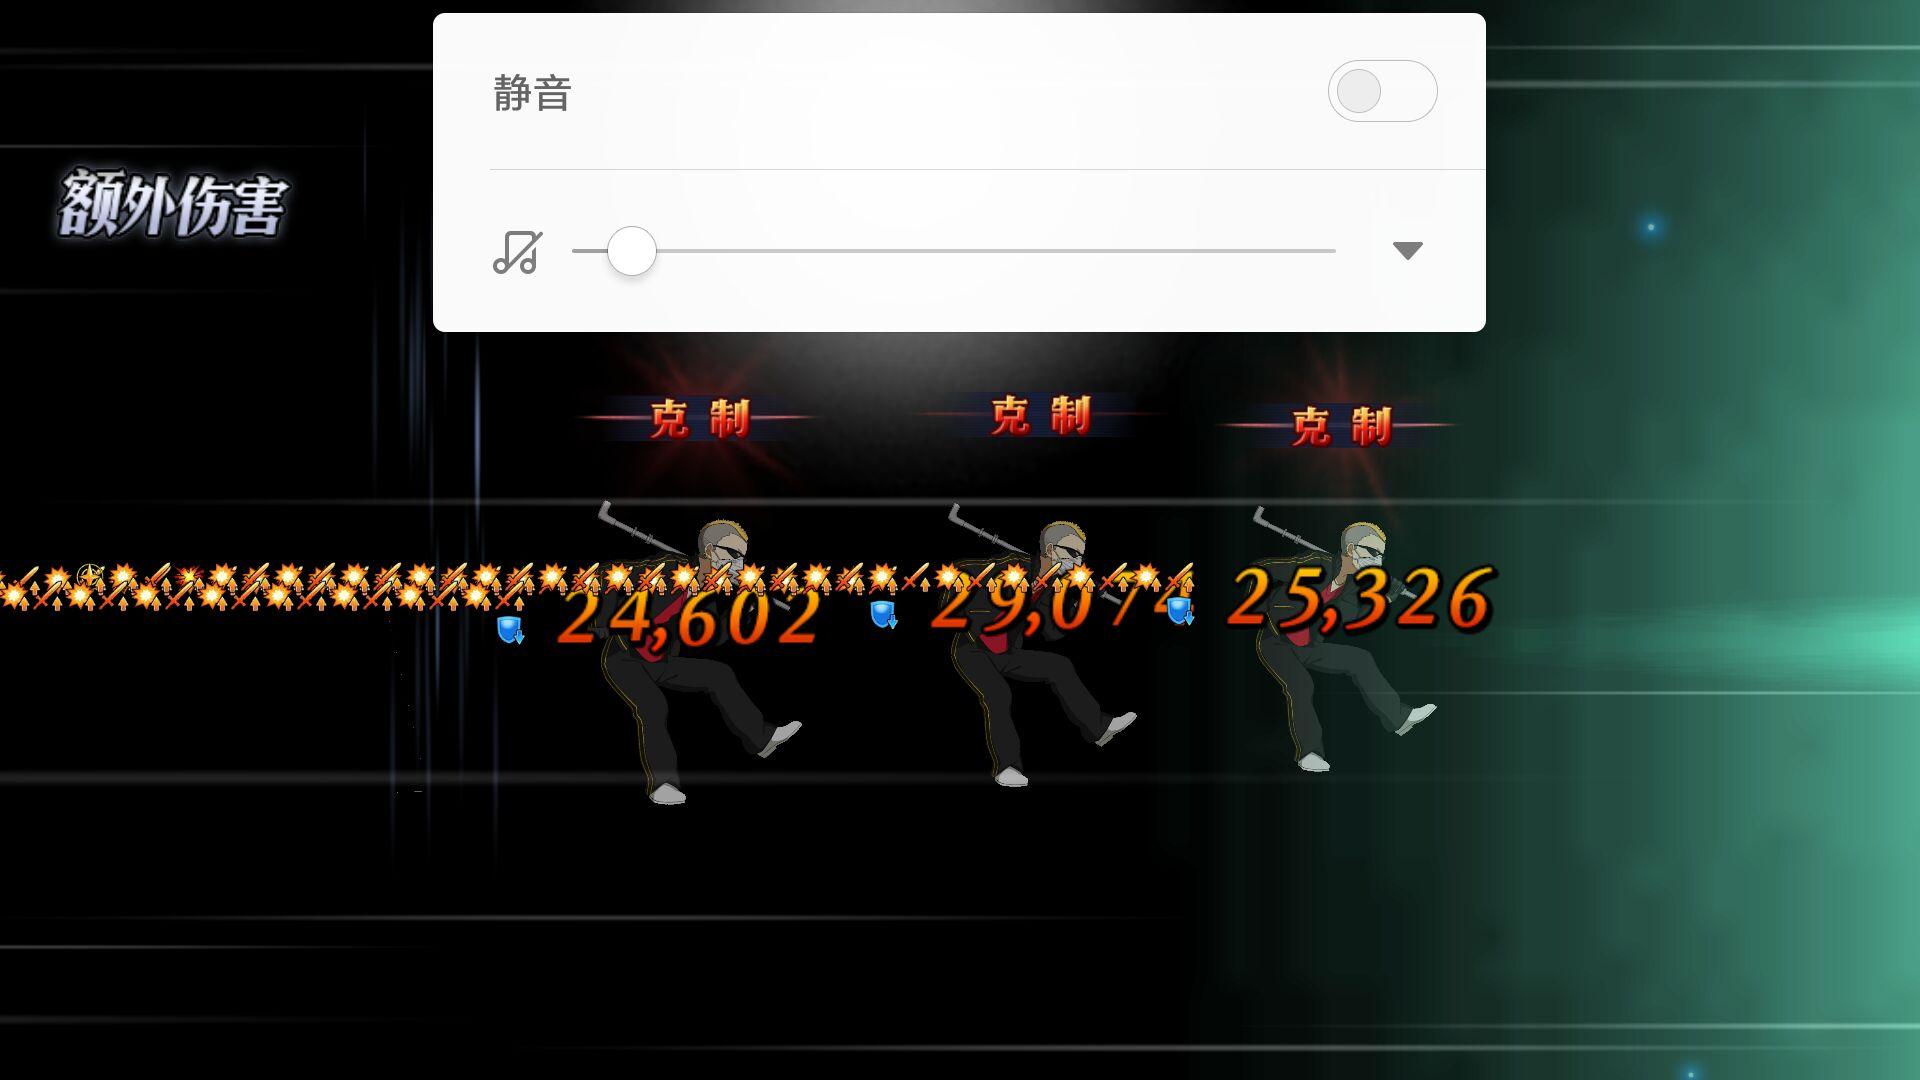 78273d3be3670b80.jpg